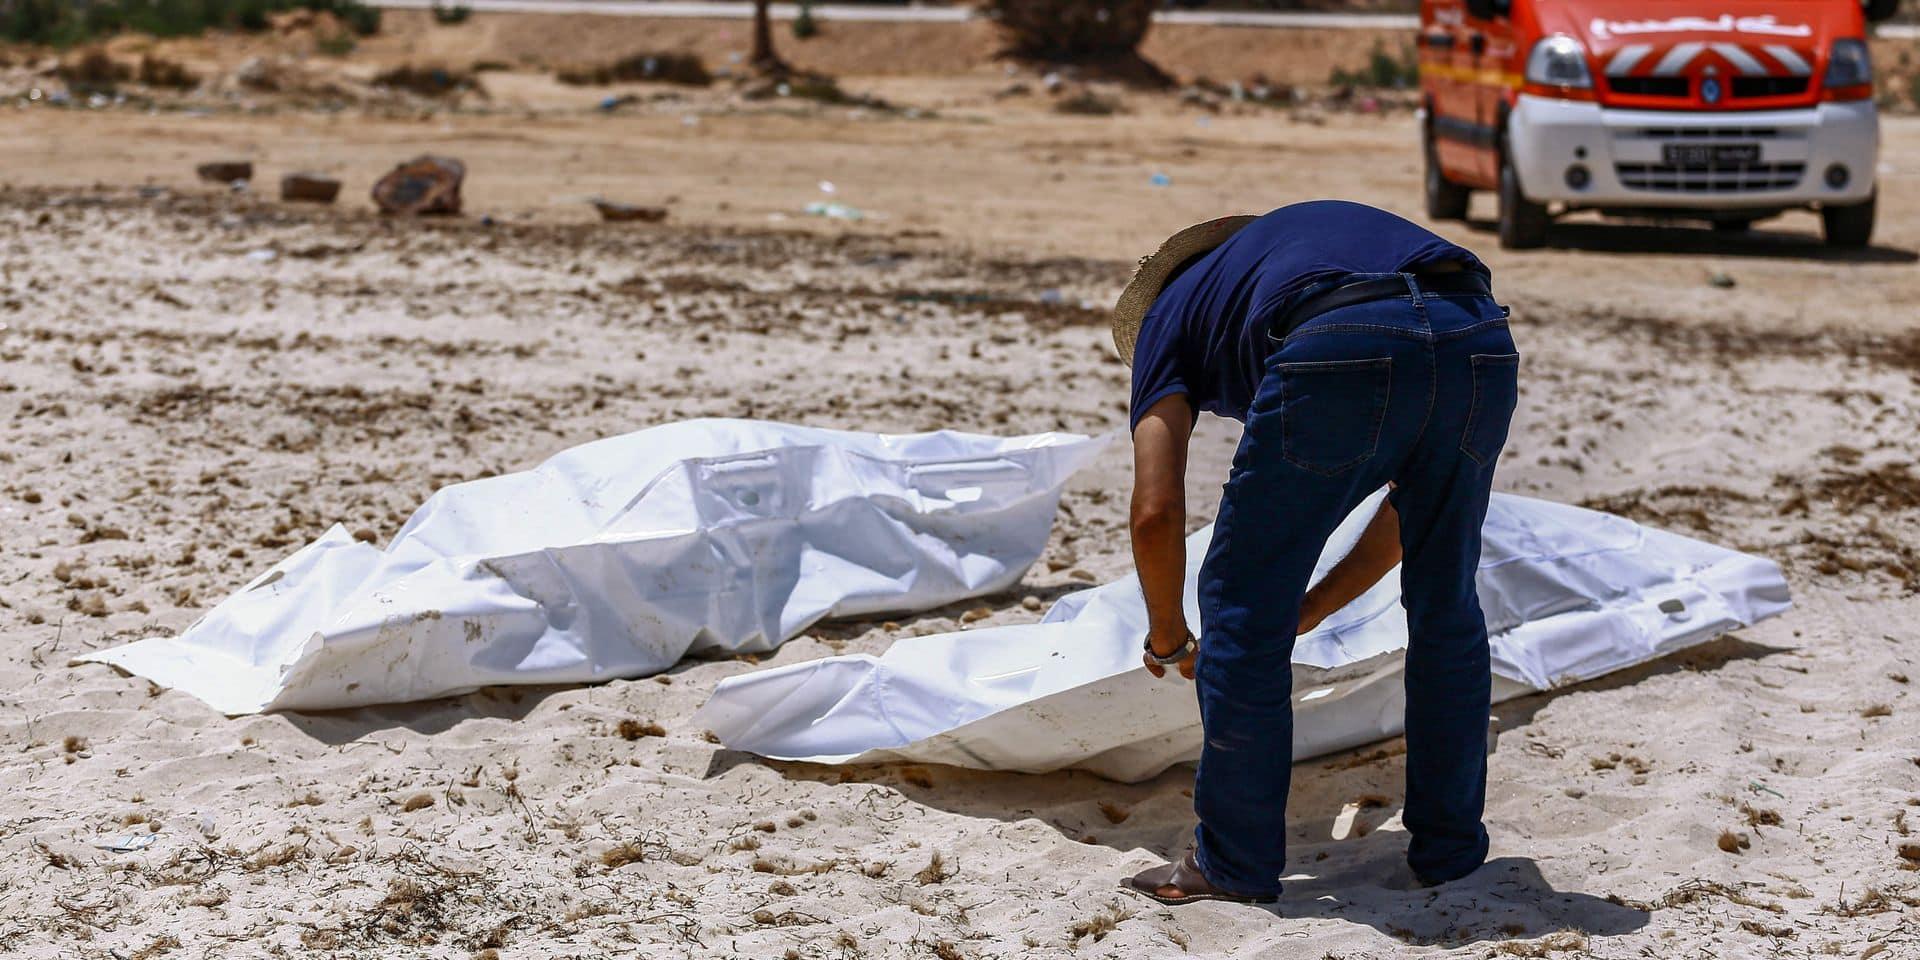 Reportage de RTL-TVI à Djerba: le CSA ouvre un dossier d'instruction à l'encontre du diffuseur